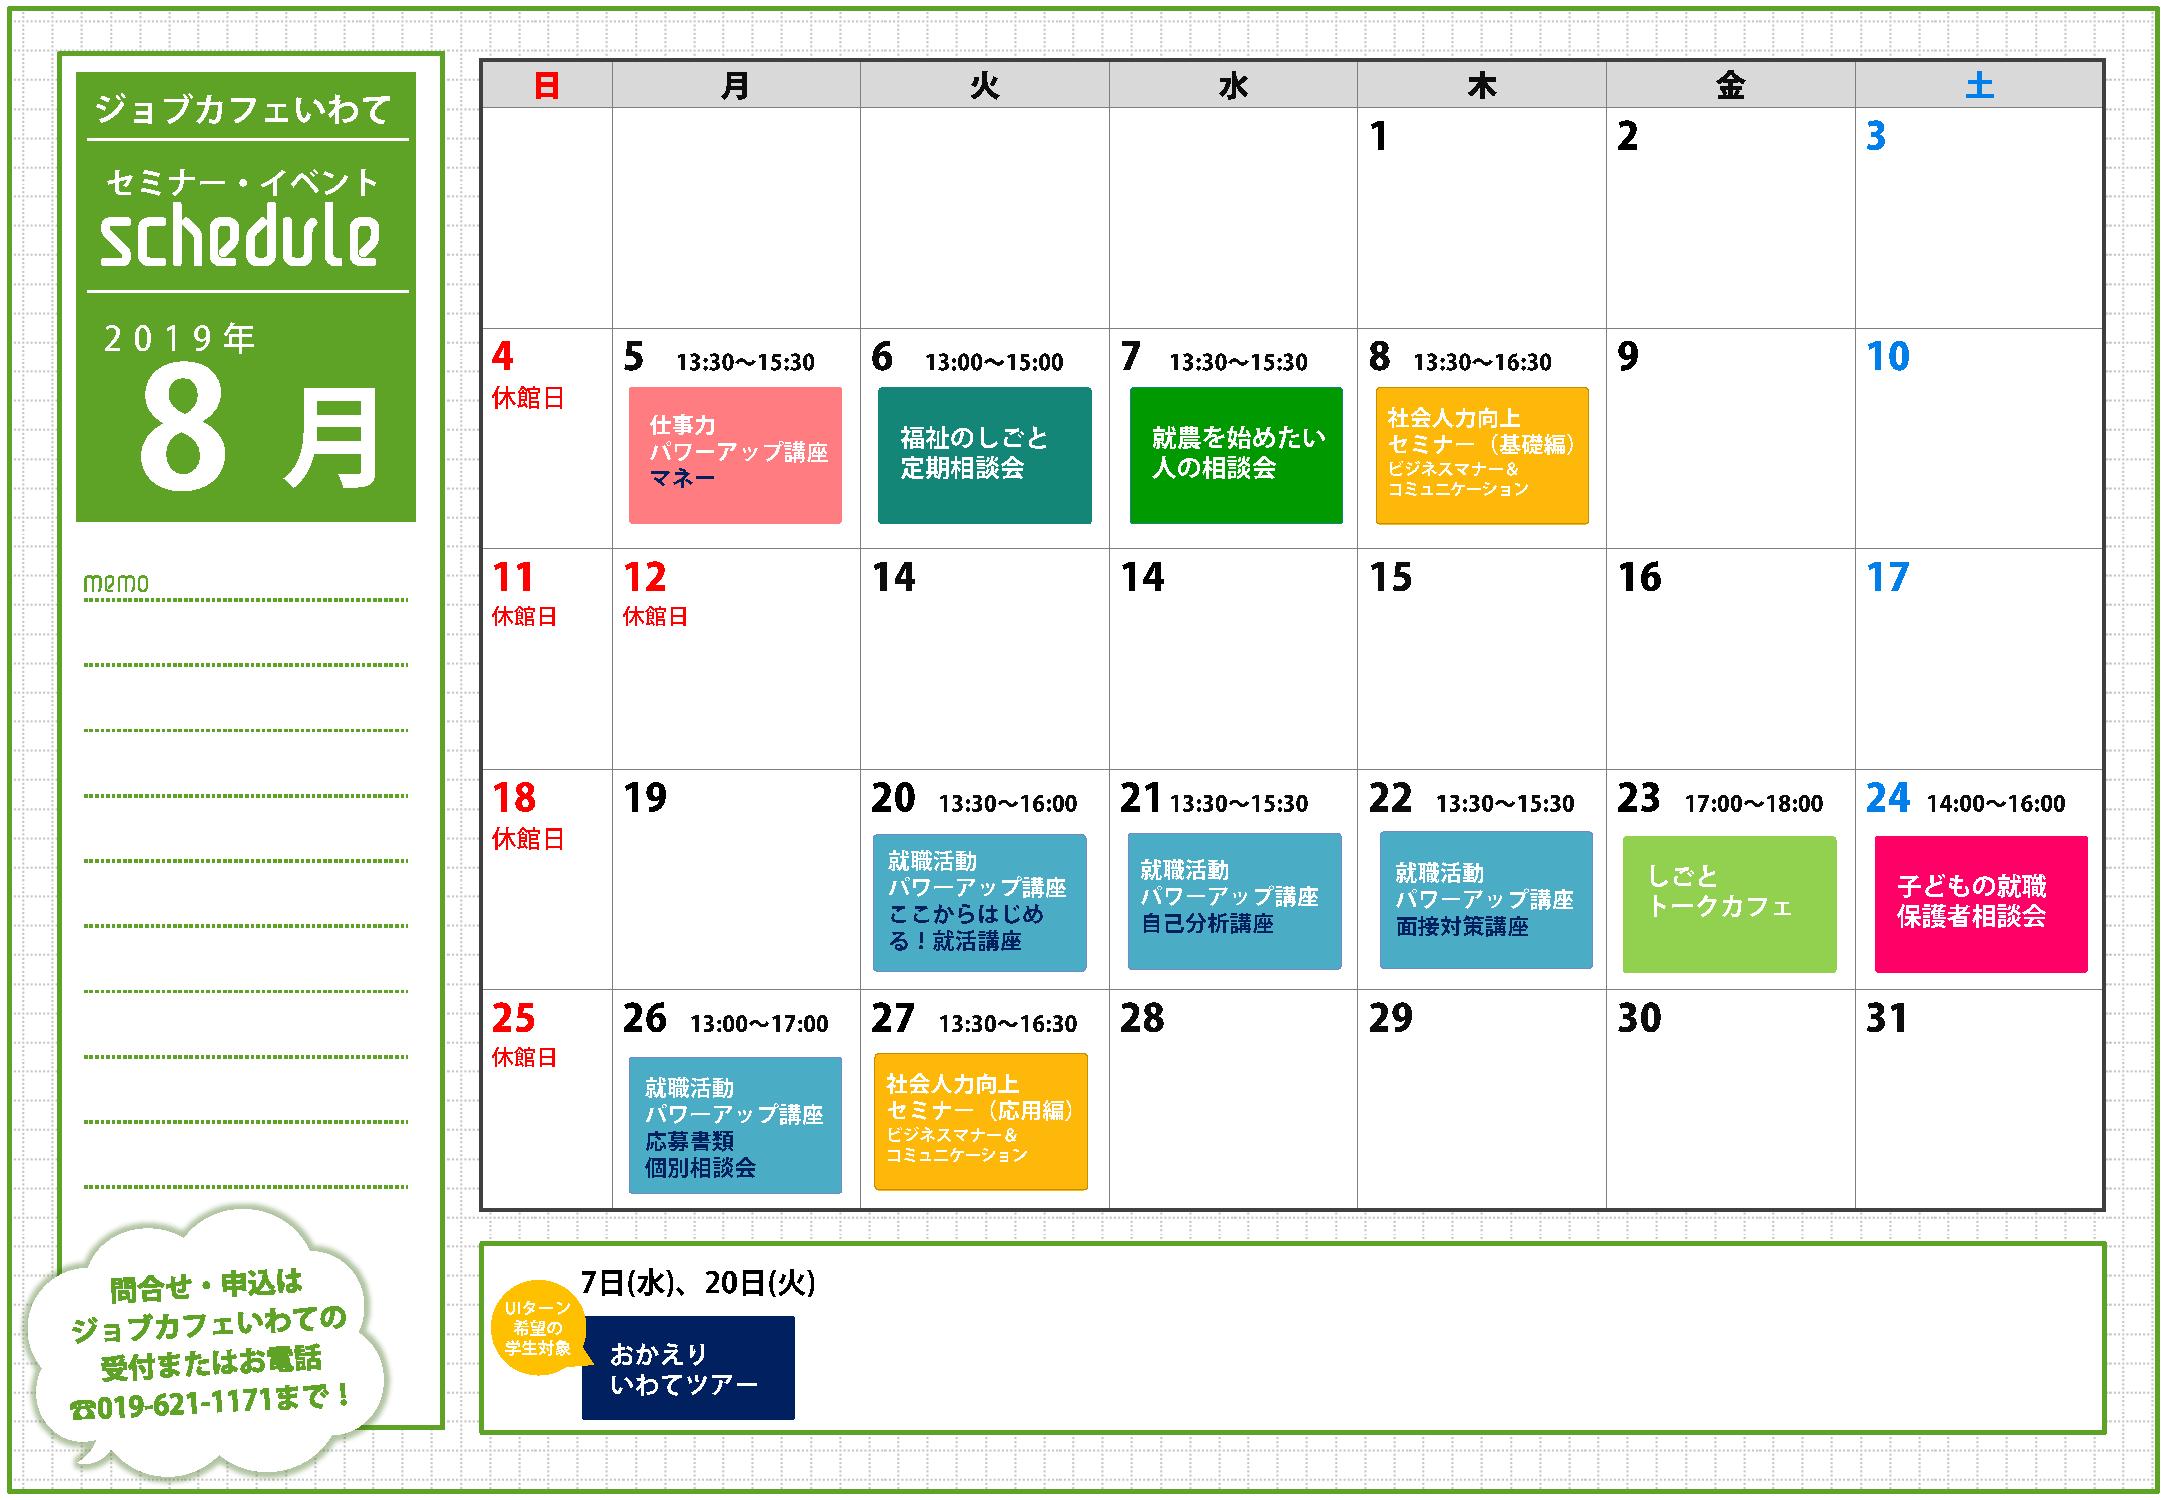 【カラー印刷用】セミナーイベント月毎スケジュールシート8月